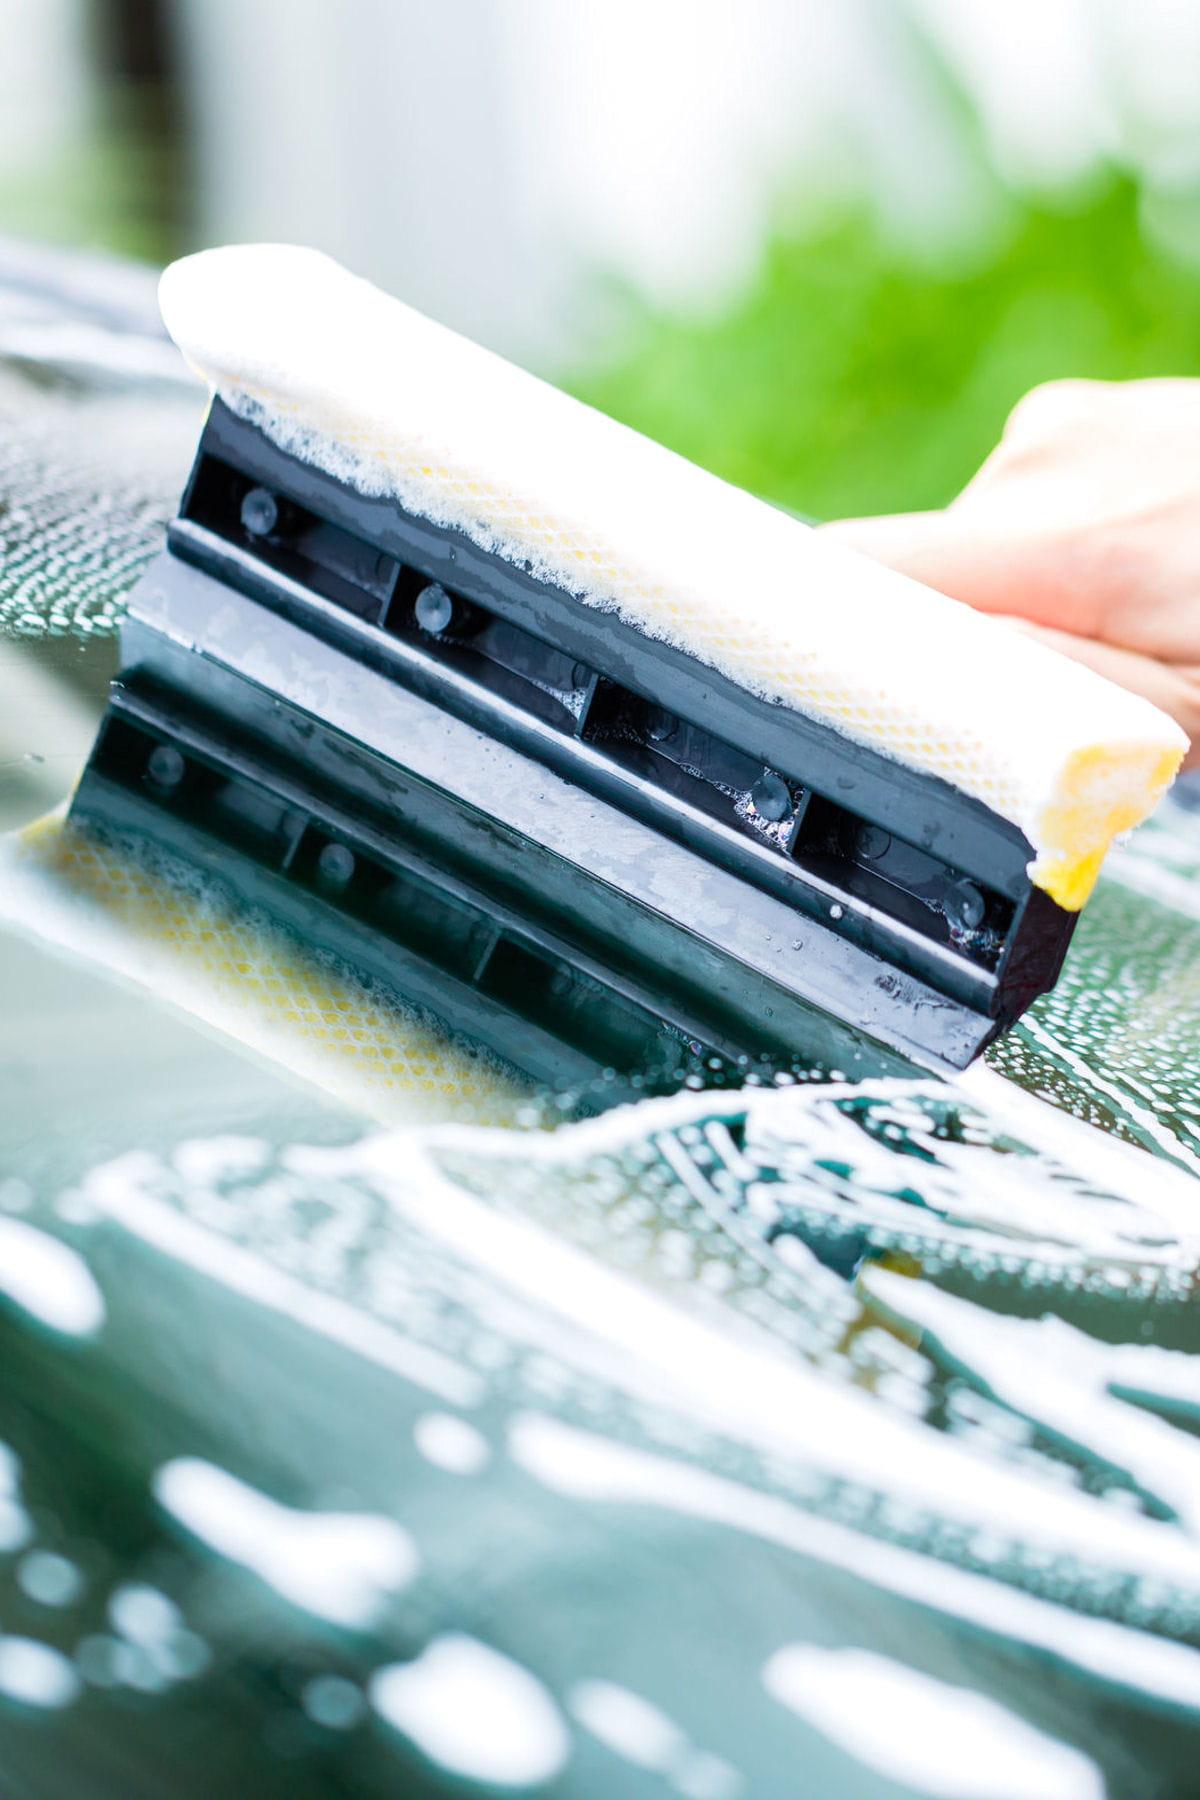 des astuces pour nettoyer et prendre soin de sa voiture   comment bien laver les vitres et le